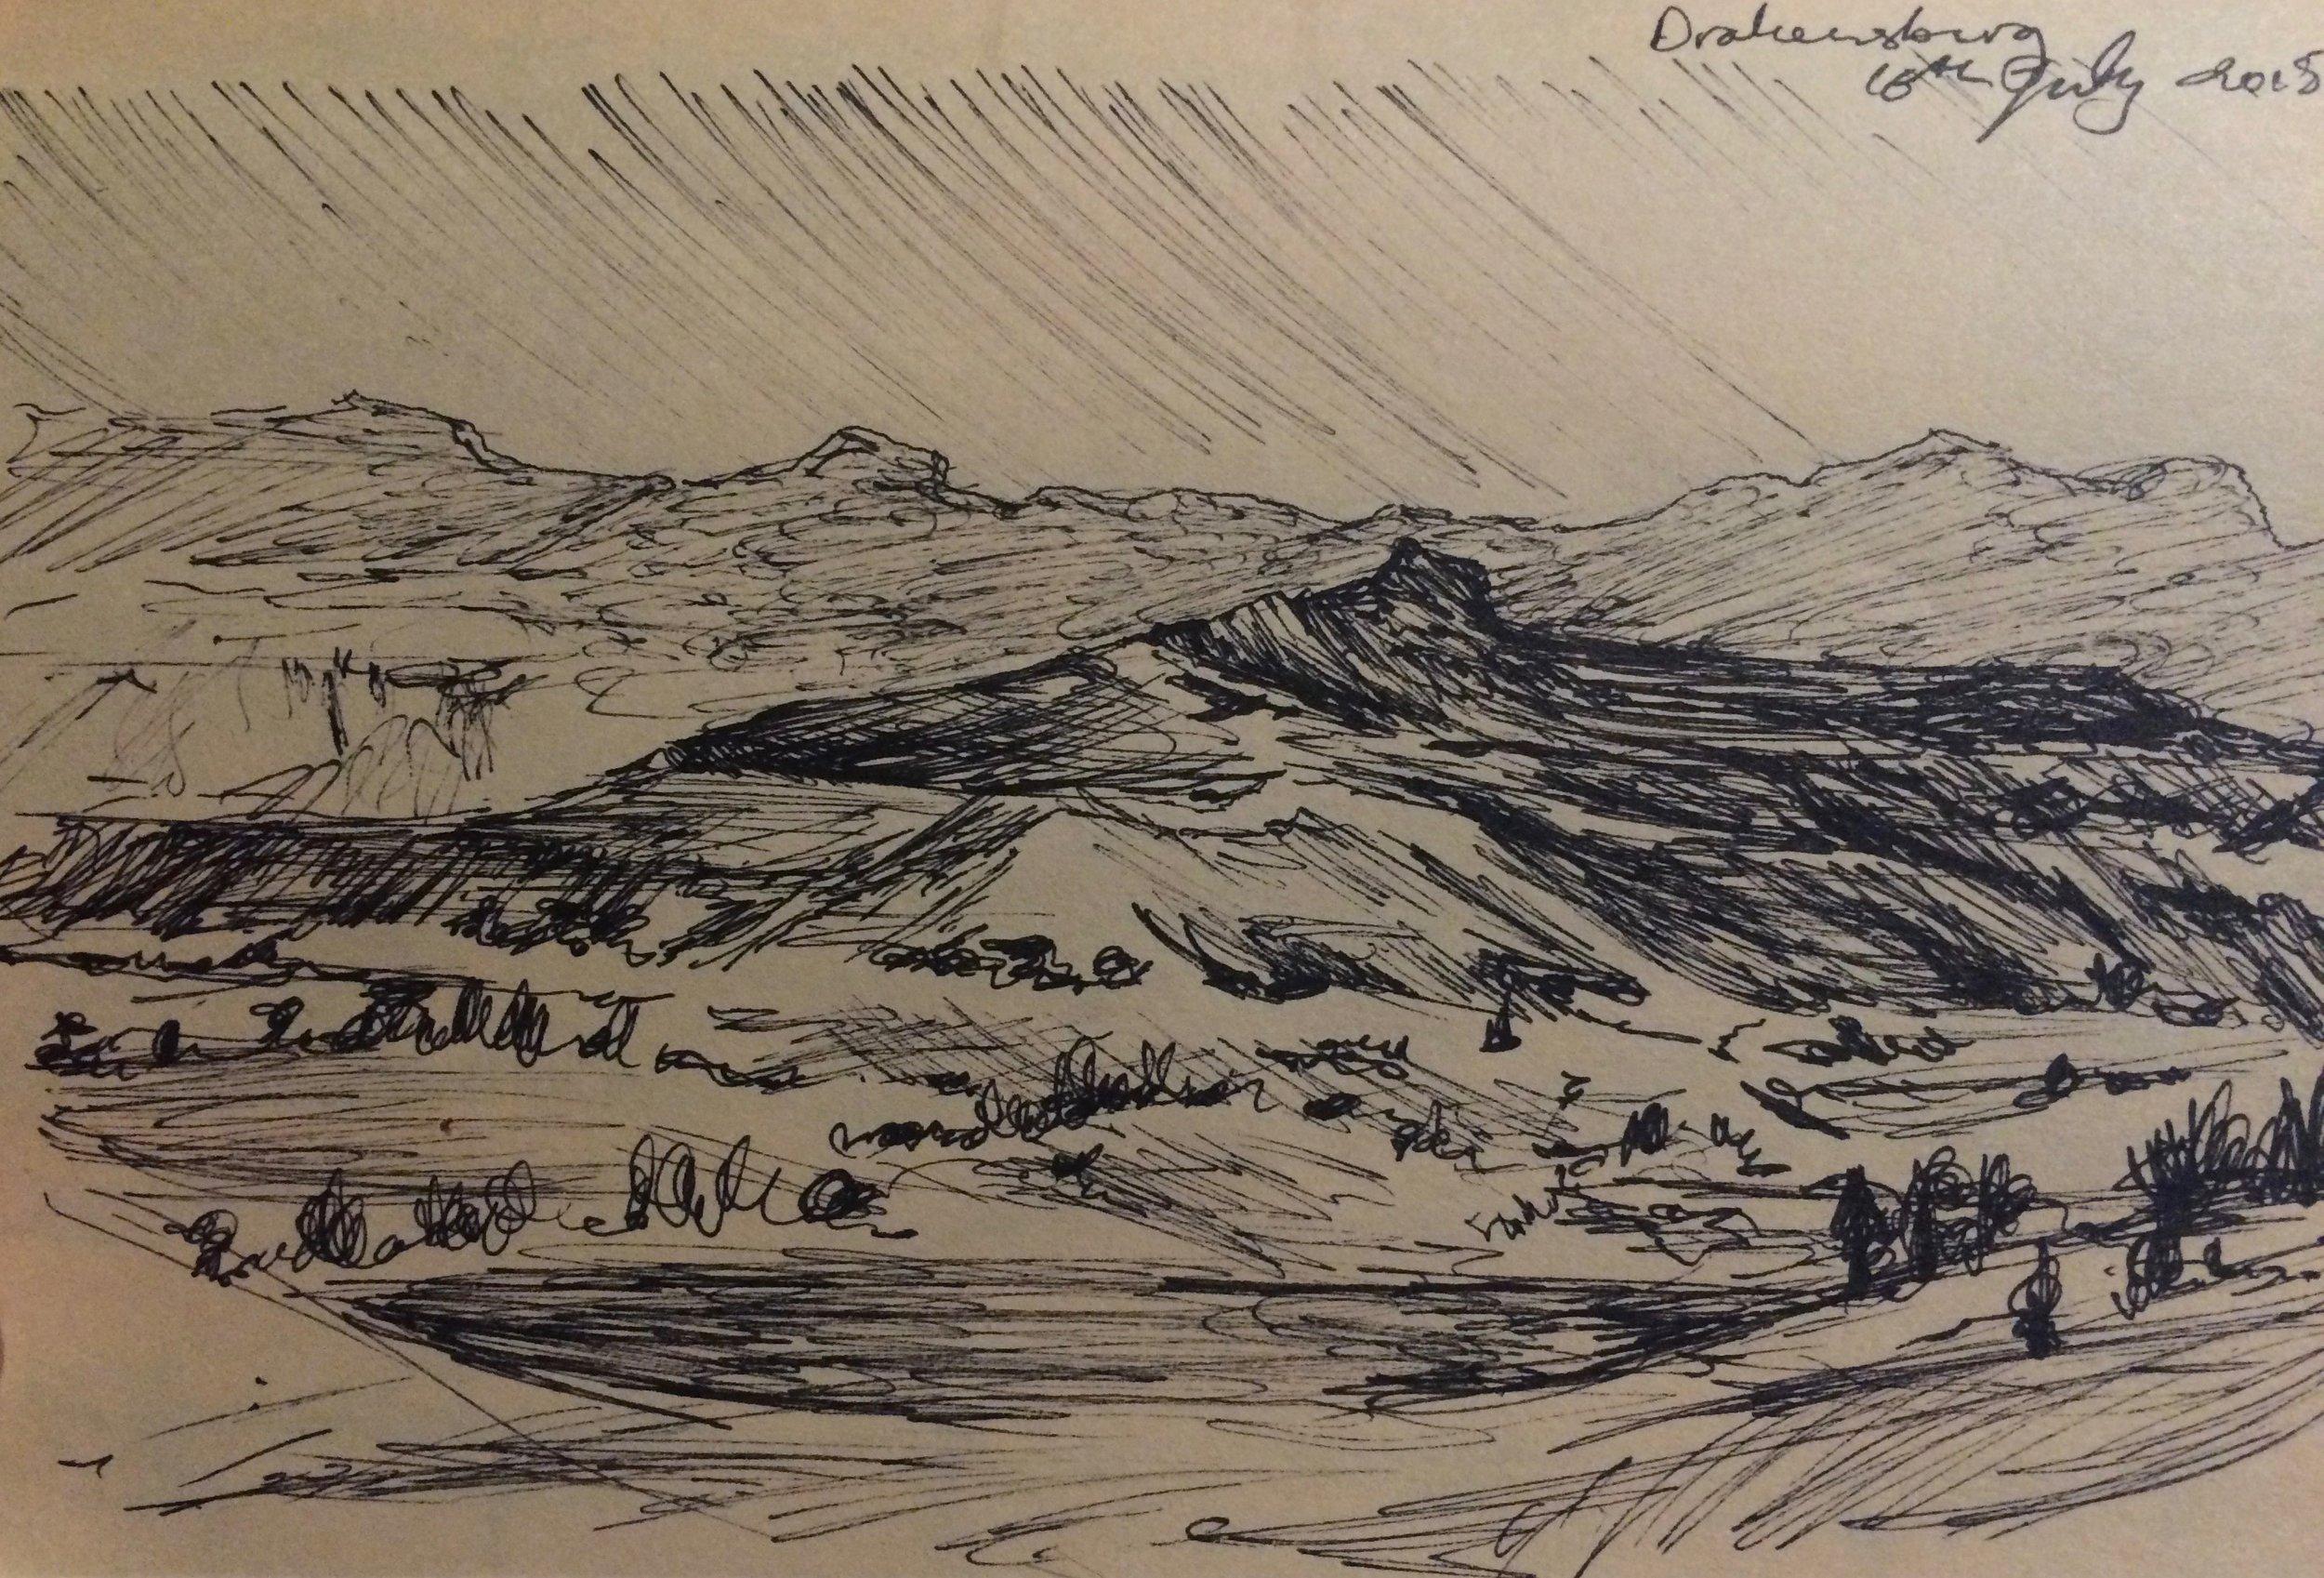 Drakensburg Sketchbook